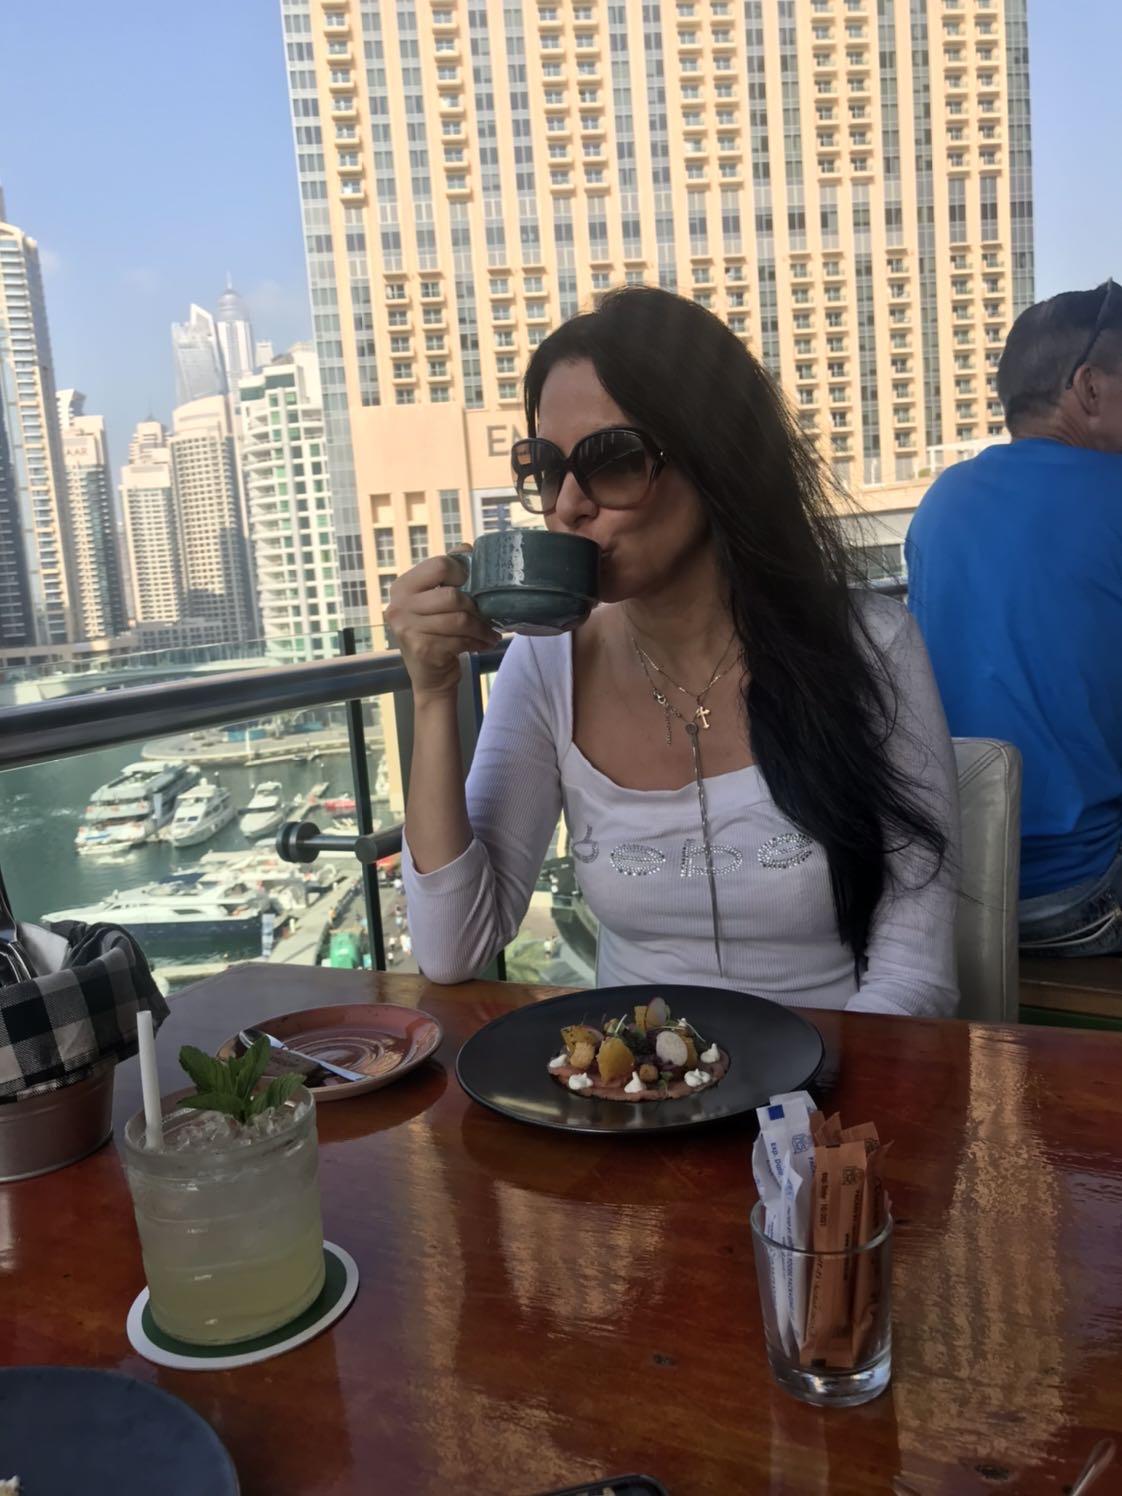 один мой выходной в Дубае, Объединенные Арабские Эмираты, фото 7